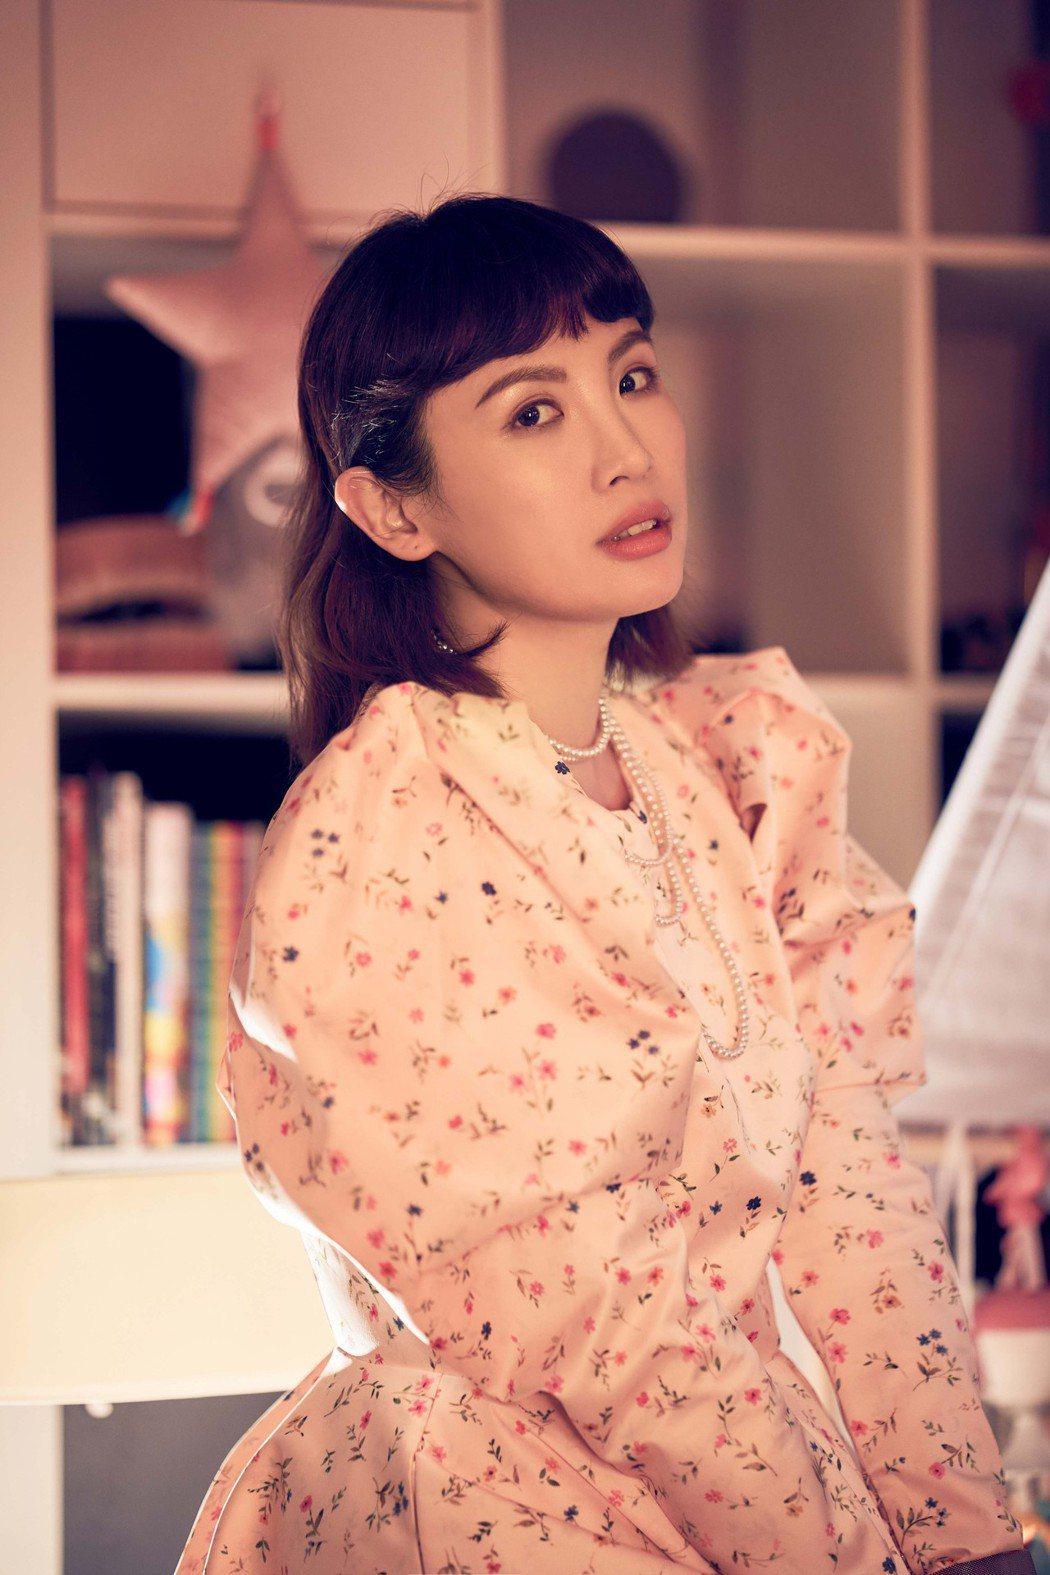 魏如萱認為媽媽就是「變形金剛」,唯一弱點是小孩子。圖/何樂音樂提供